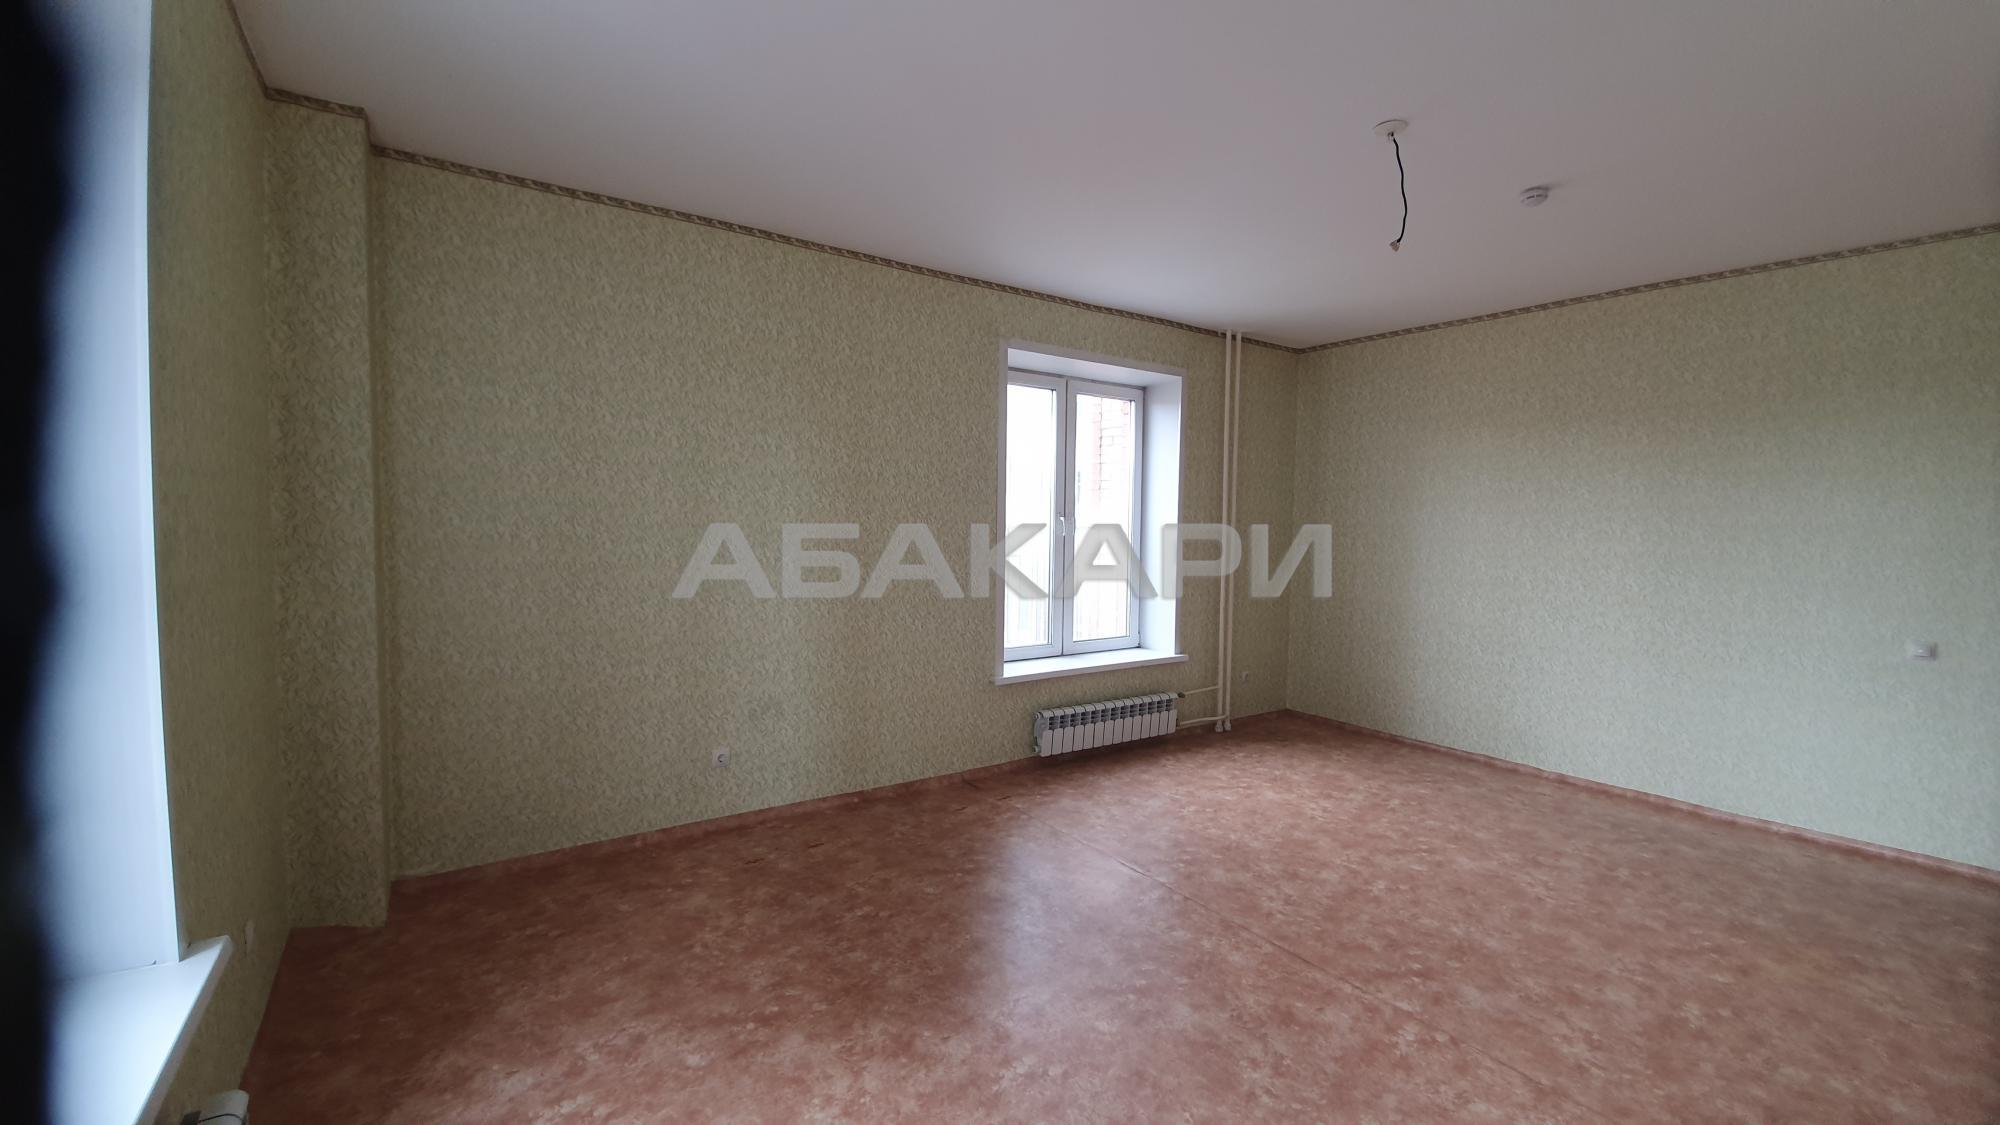 3к квартира улица Калинина, 47И   18000   аренда в Красноярске фото 4